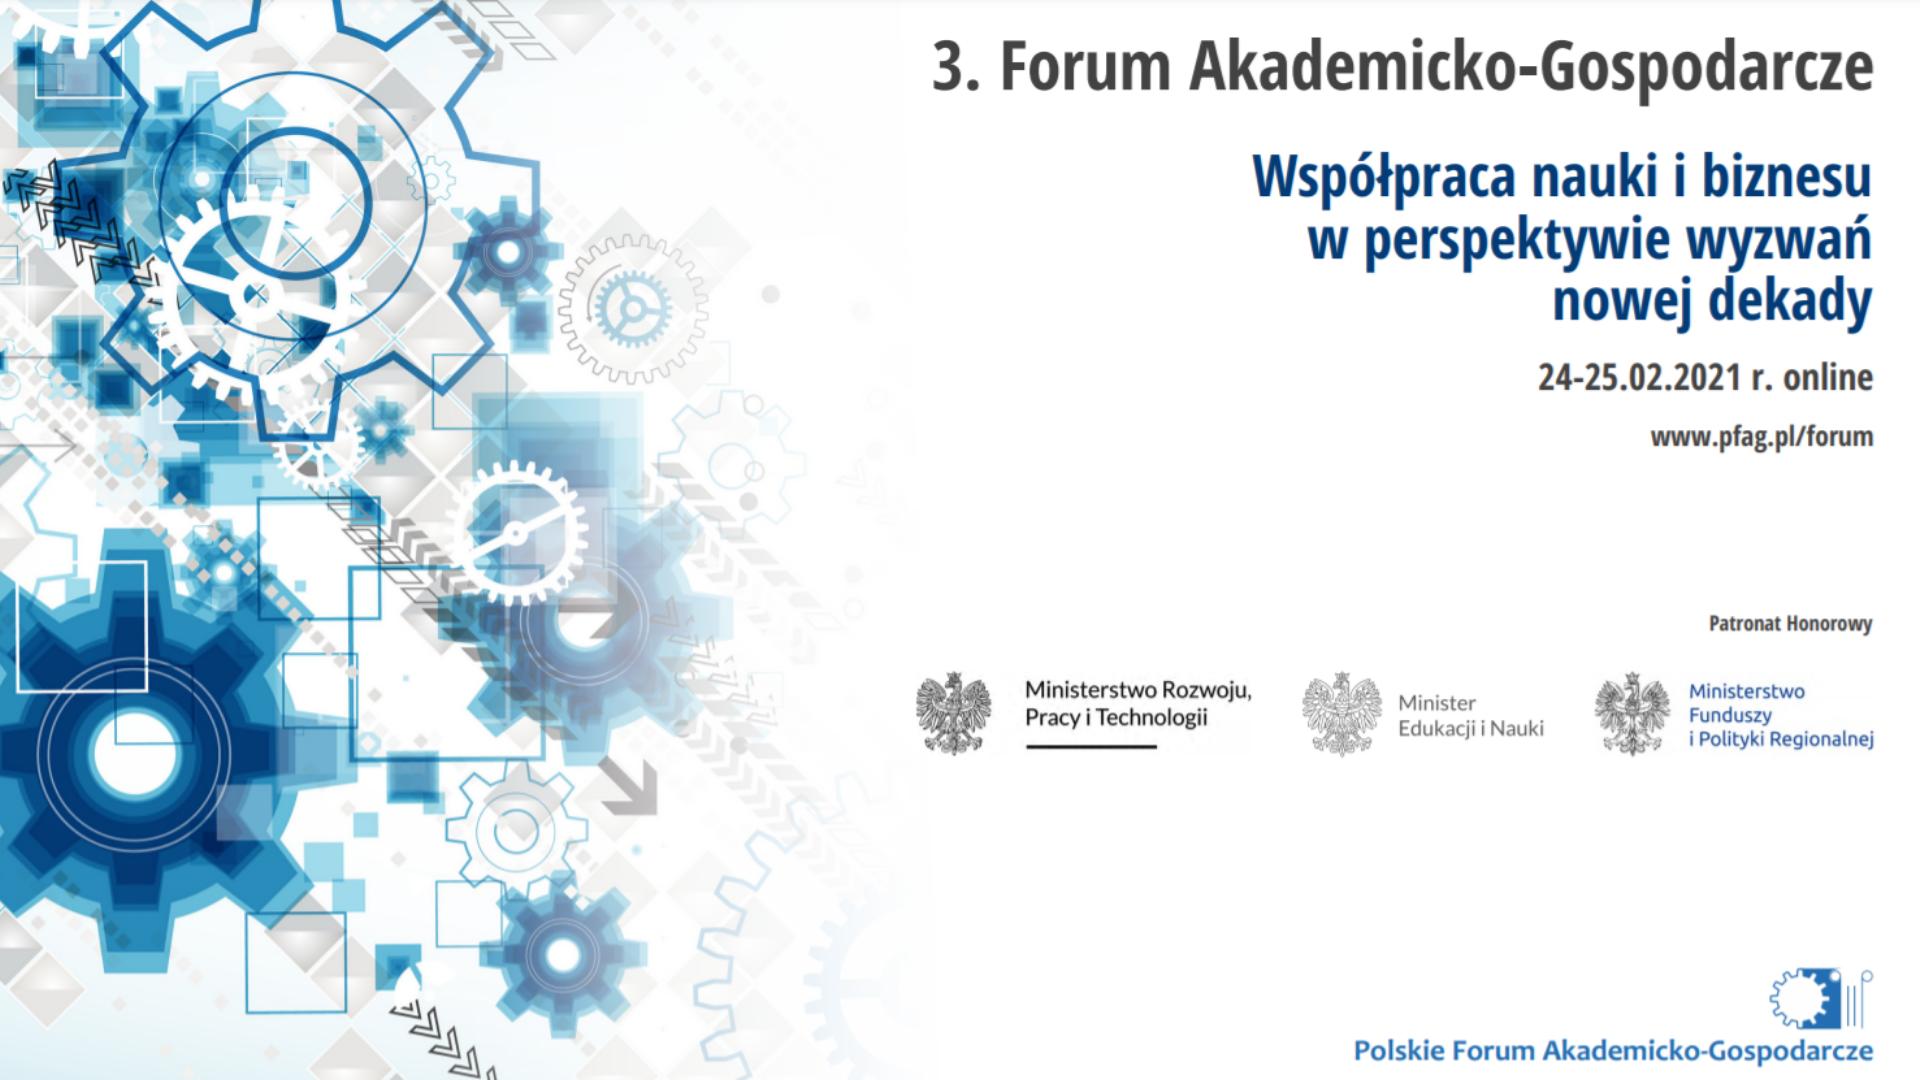 Już niebawem trzecie Forum Akademicko-Gospodarcze!